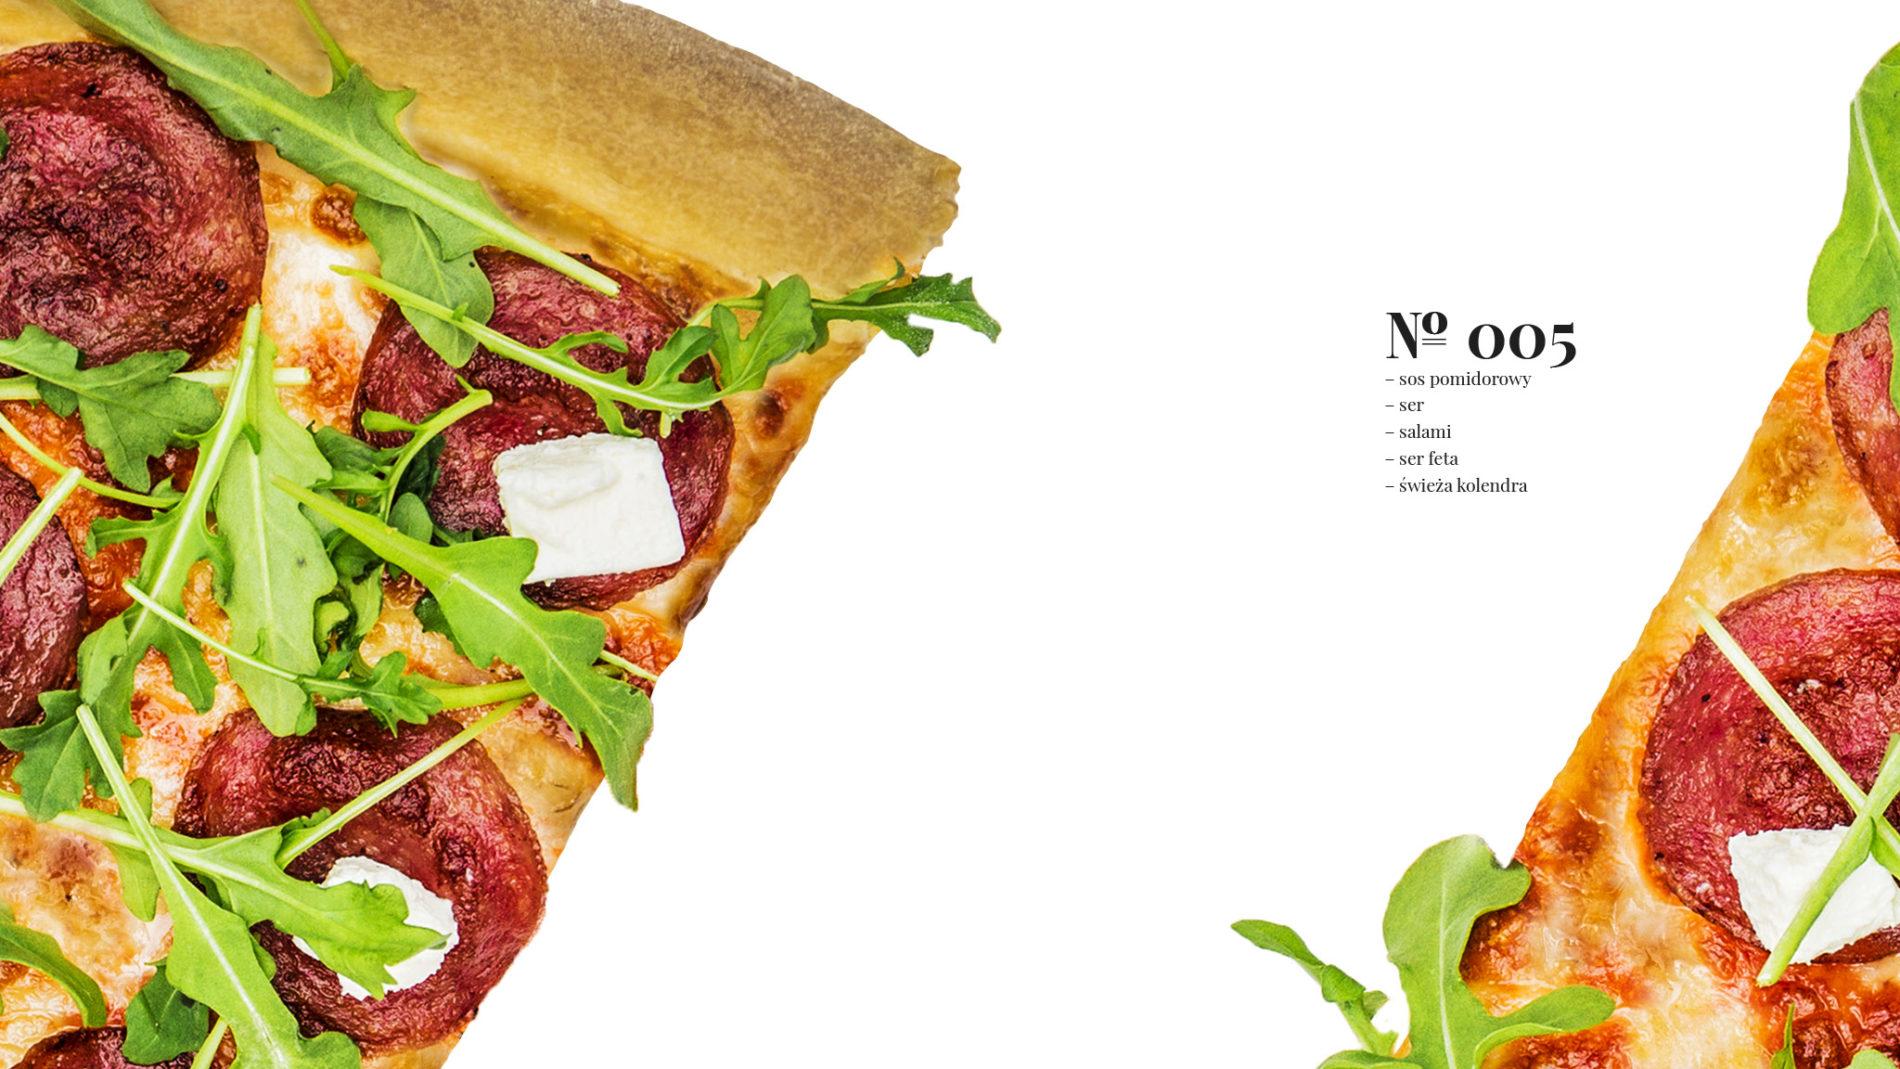 Pizza 60 freebee system – sos pomidorowy – ser – salami – ser feta – świeża kolendra